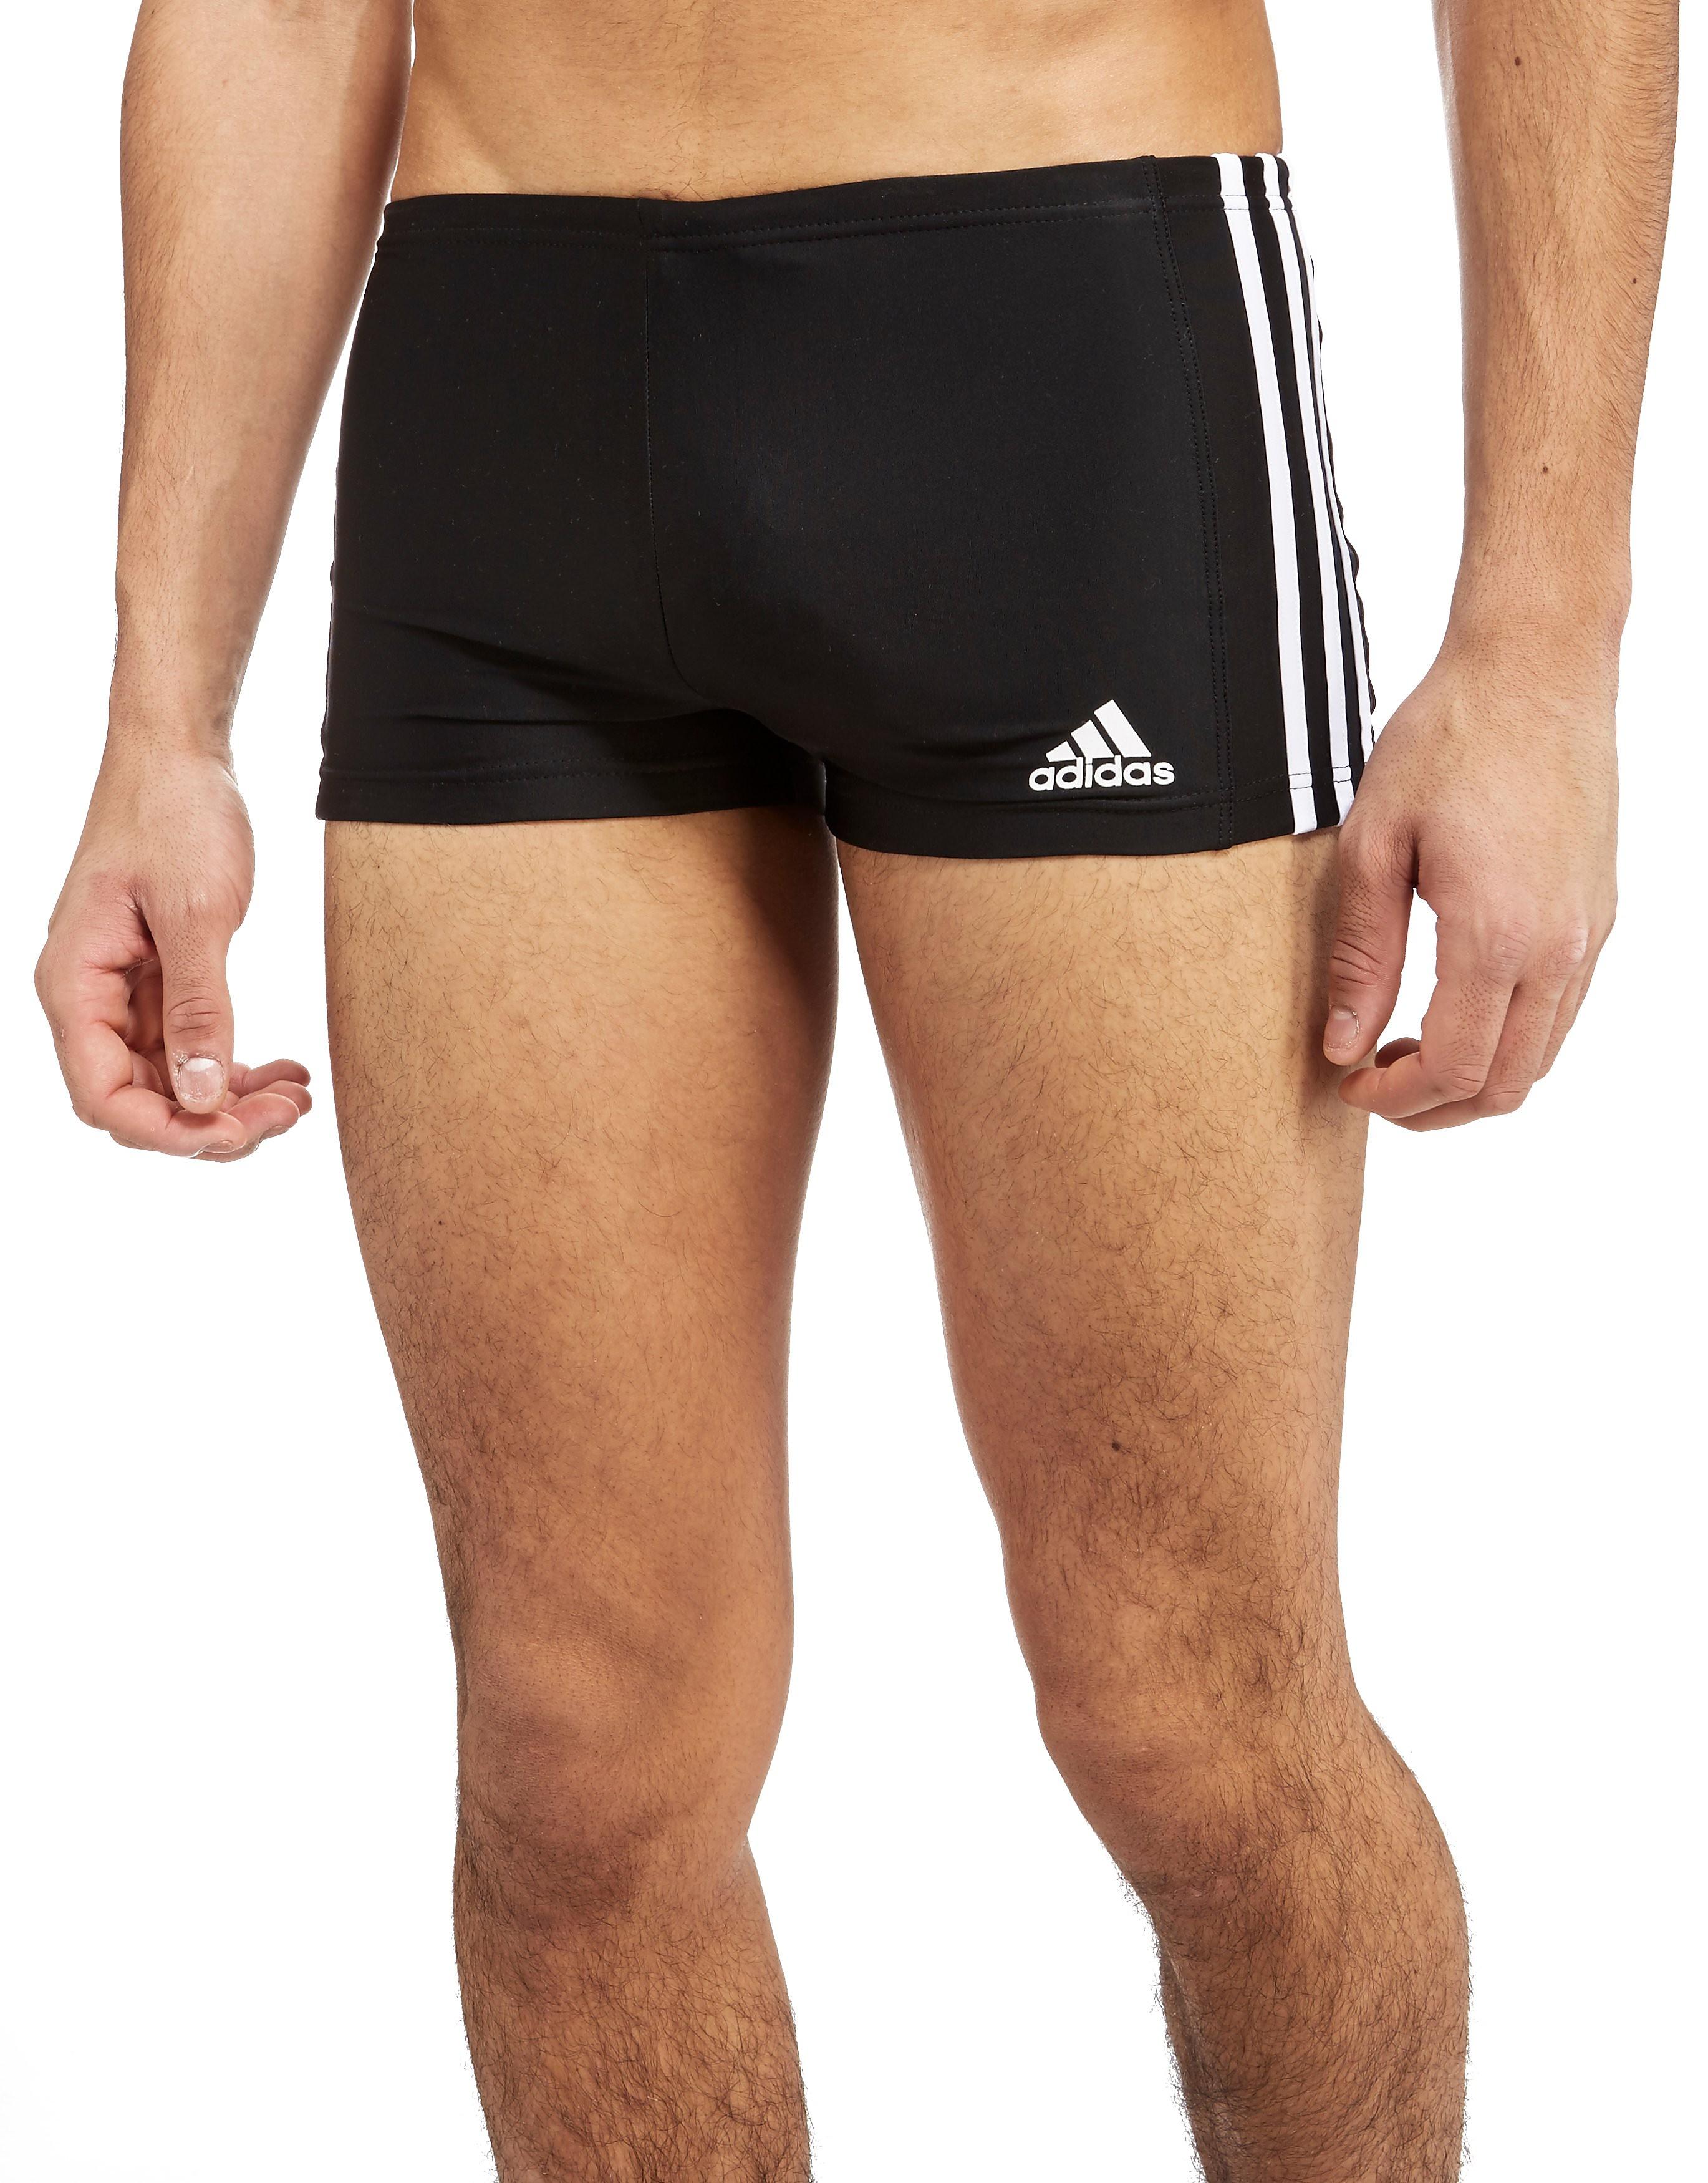 adidas Aqua Swim Shorts